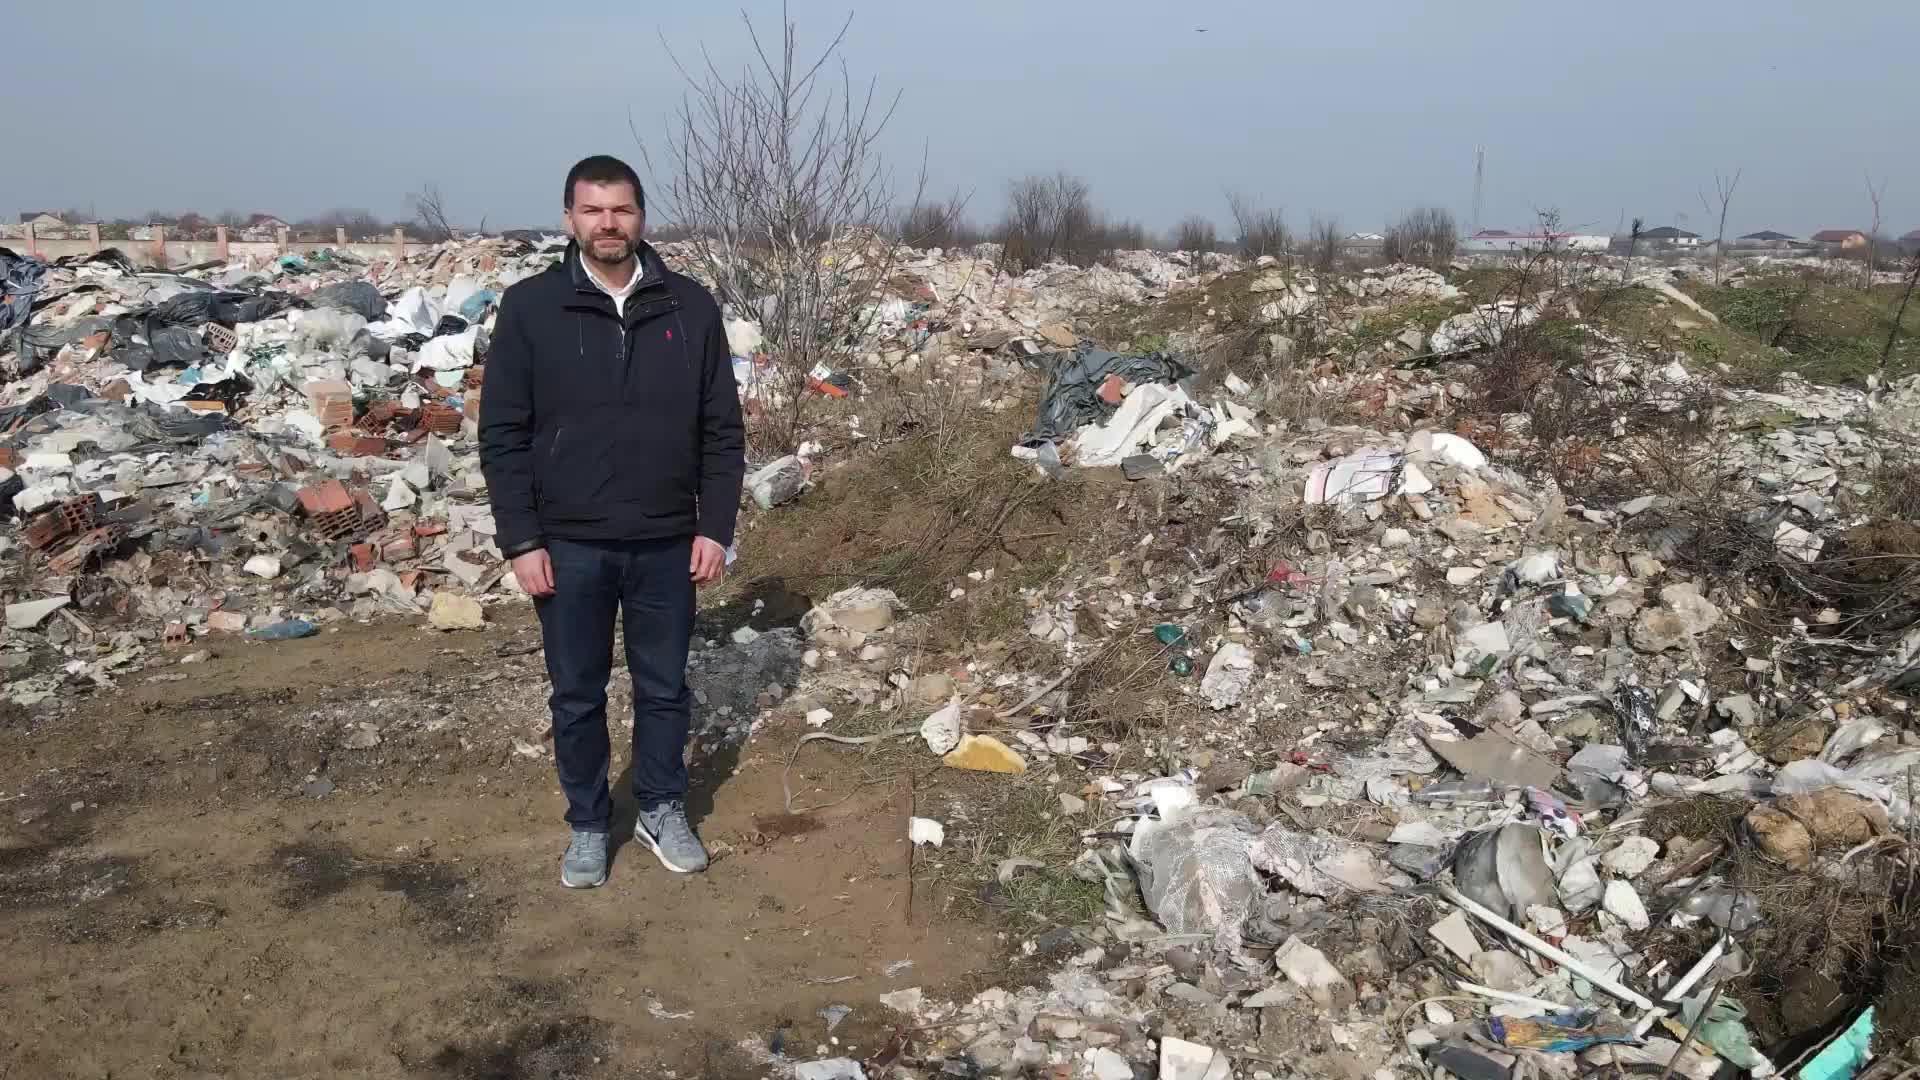 Depozit ilegal de gunoi lângă București, deținut de consilierul unui recent ministru al Mediului. Dezvăluirea îi aparține lui Octavian Berceanu, demis de la Garda de mediu